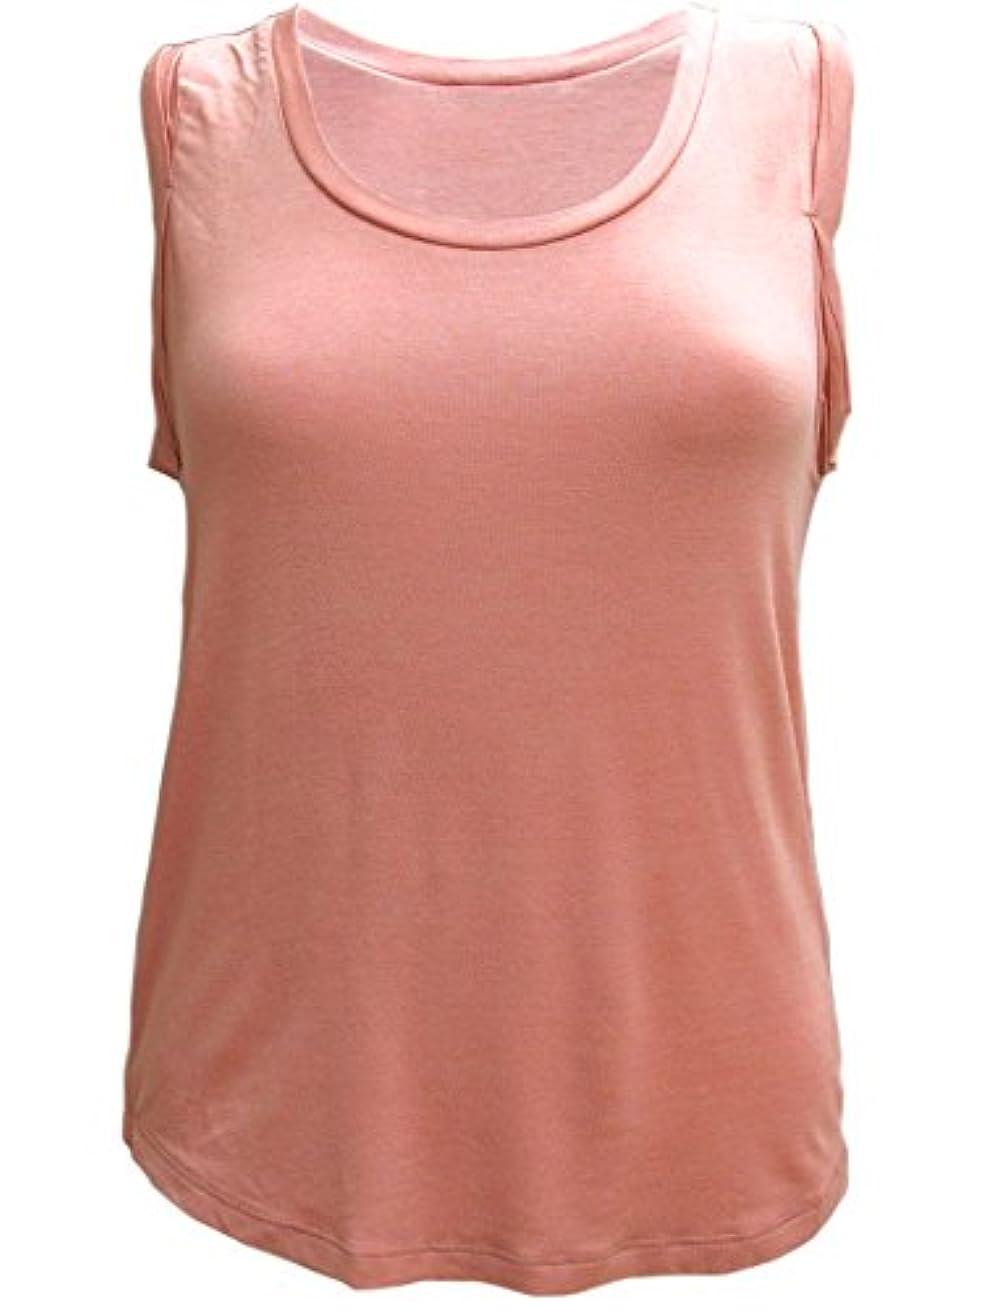 終わった委員会外向きAnna-Kaci SHIRT レディース US サイズ: S カラー: ピンク